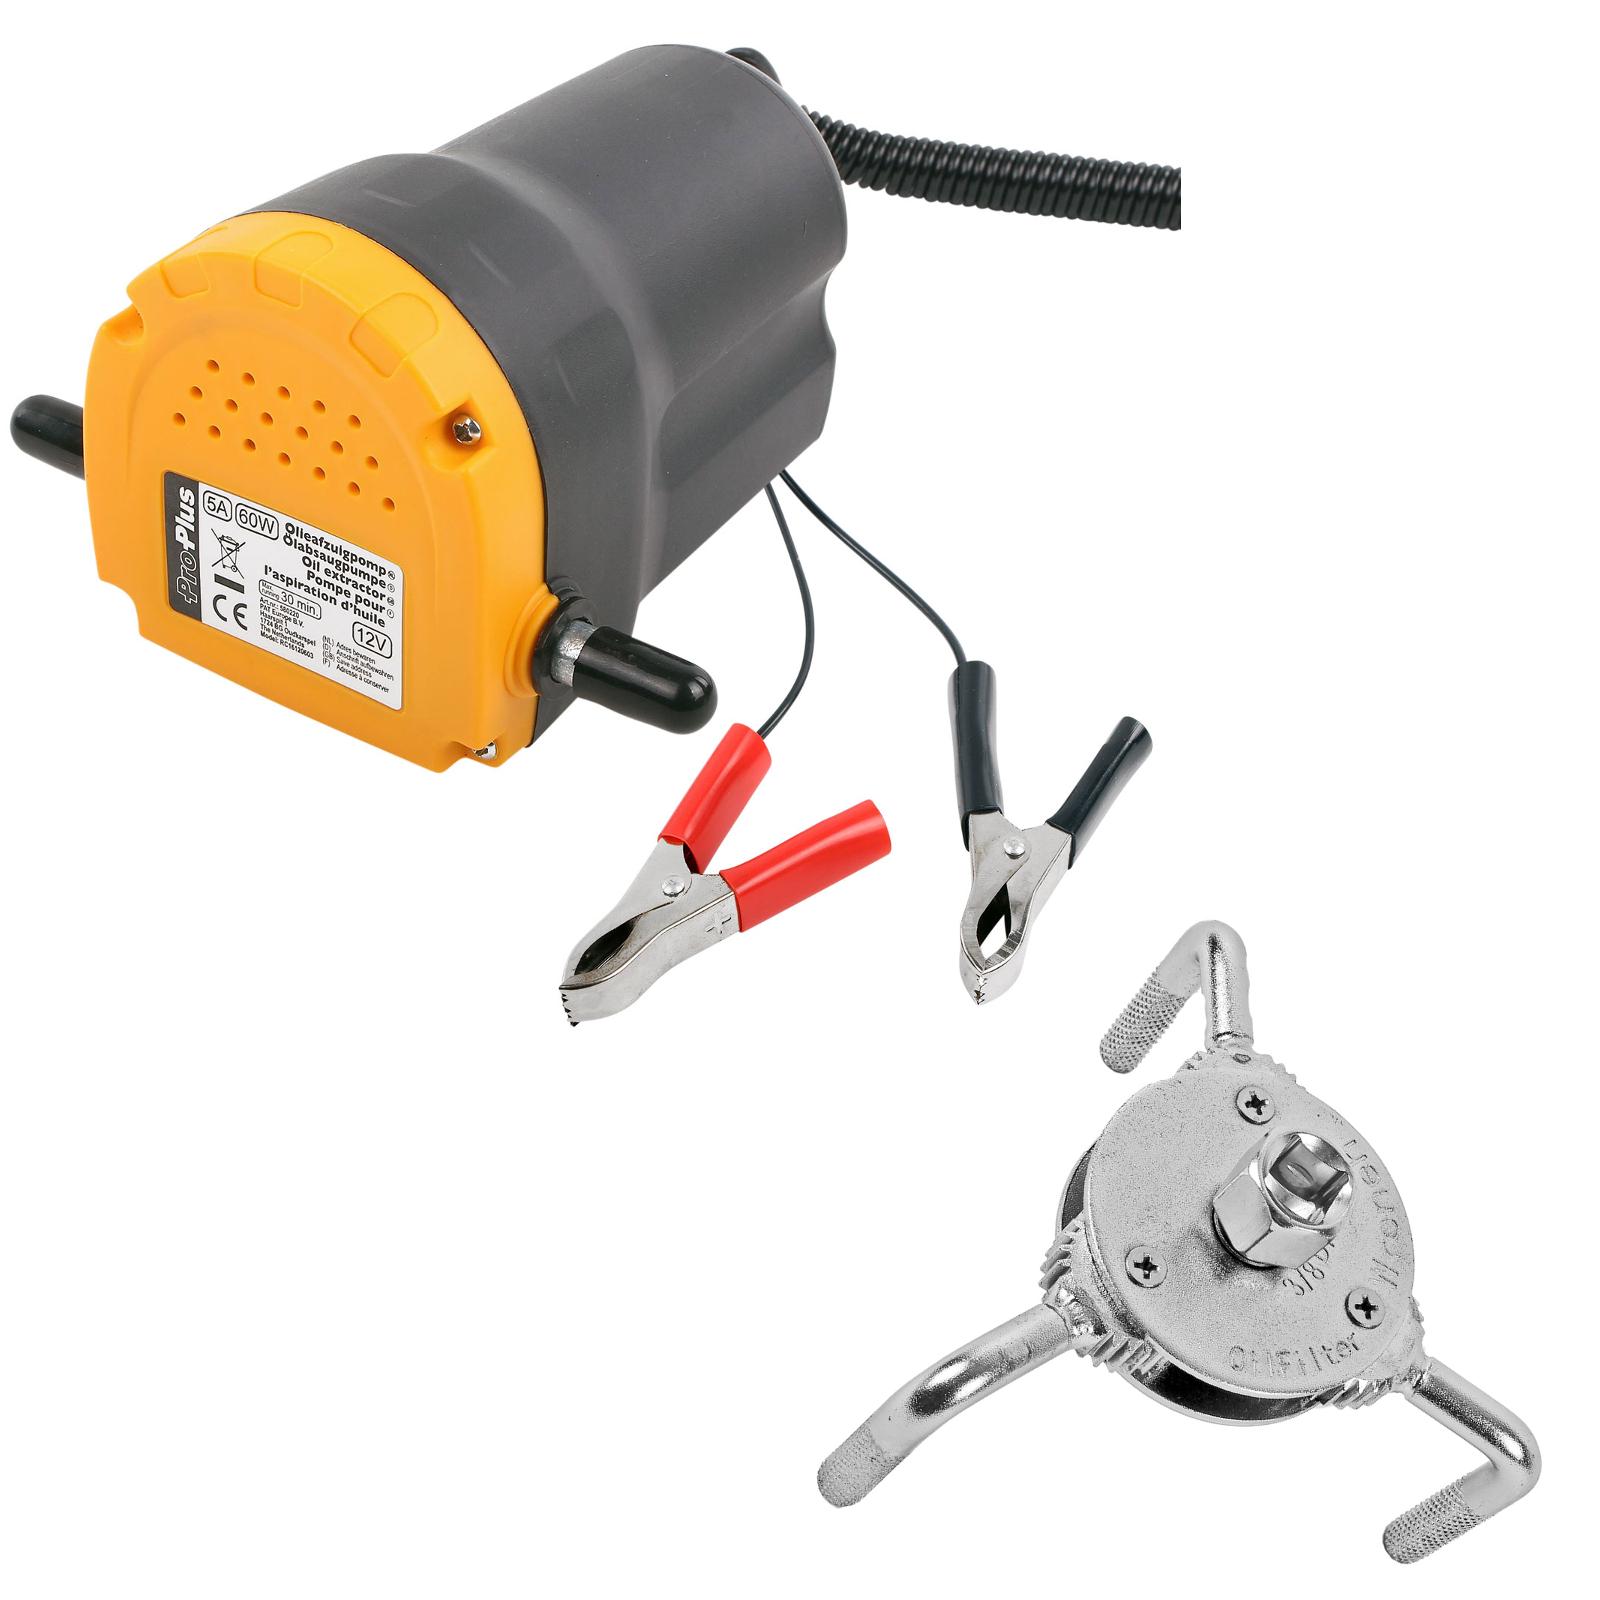 Ölpumpe 12 Volt 60 Watt Messinglamellen 3Ltr Minute + Ölfilterschlüssel 3 armig